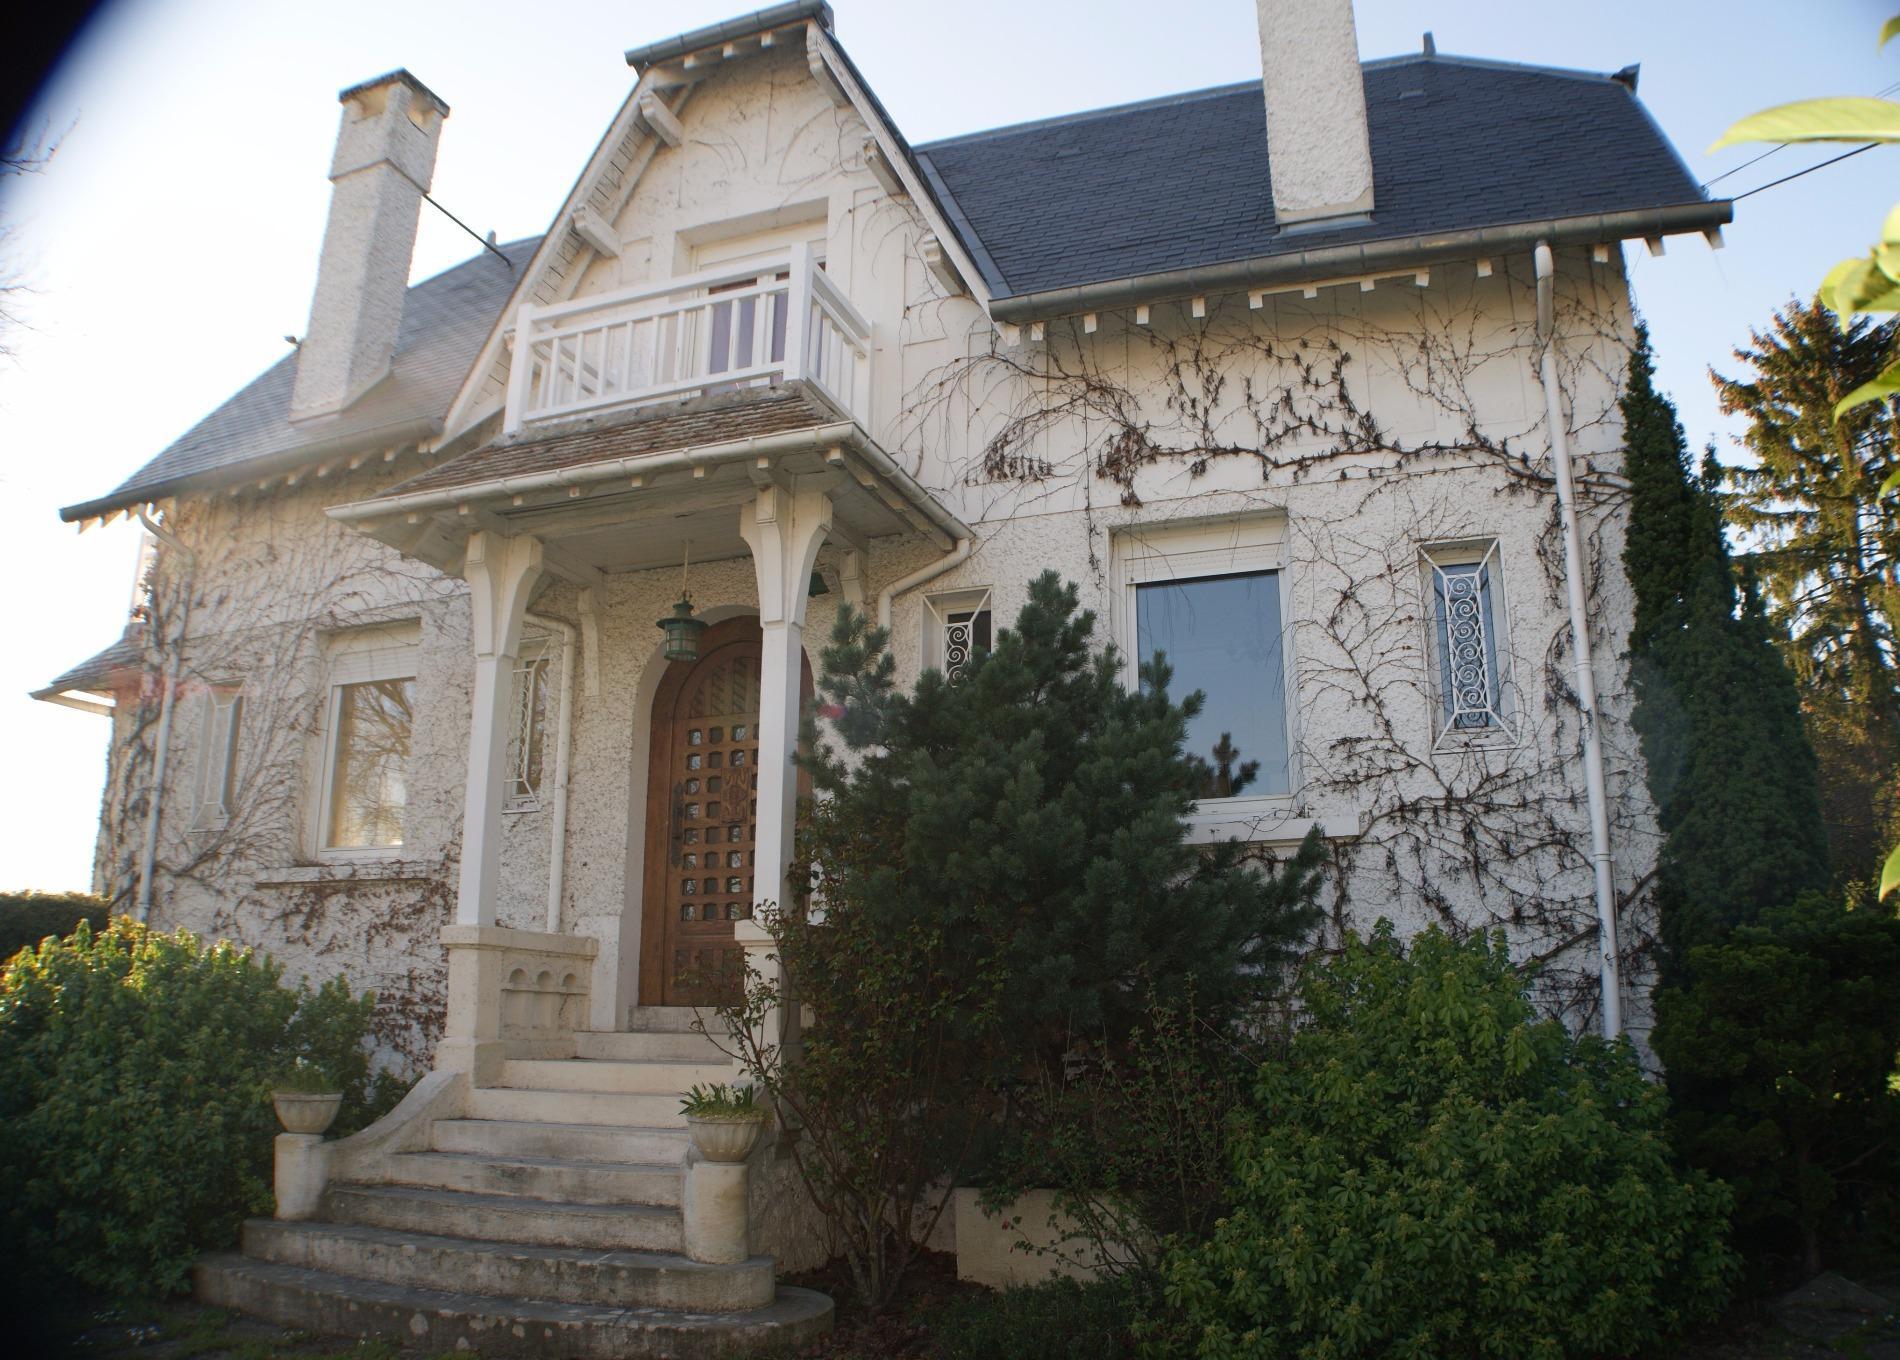 vente appartements maisons et terrains triel sur seine vaux sur seine et environs